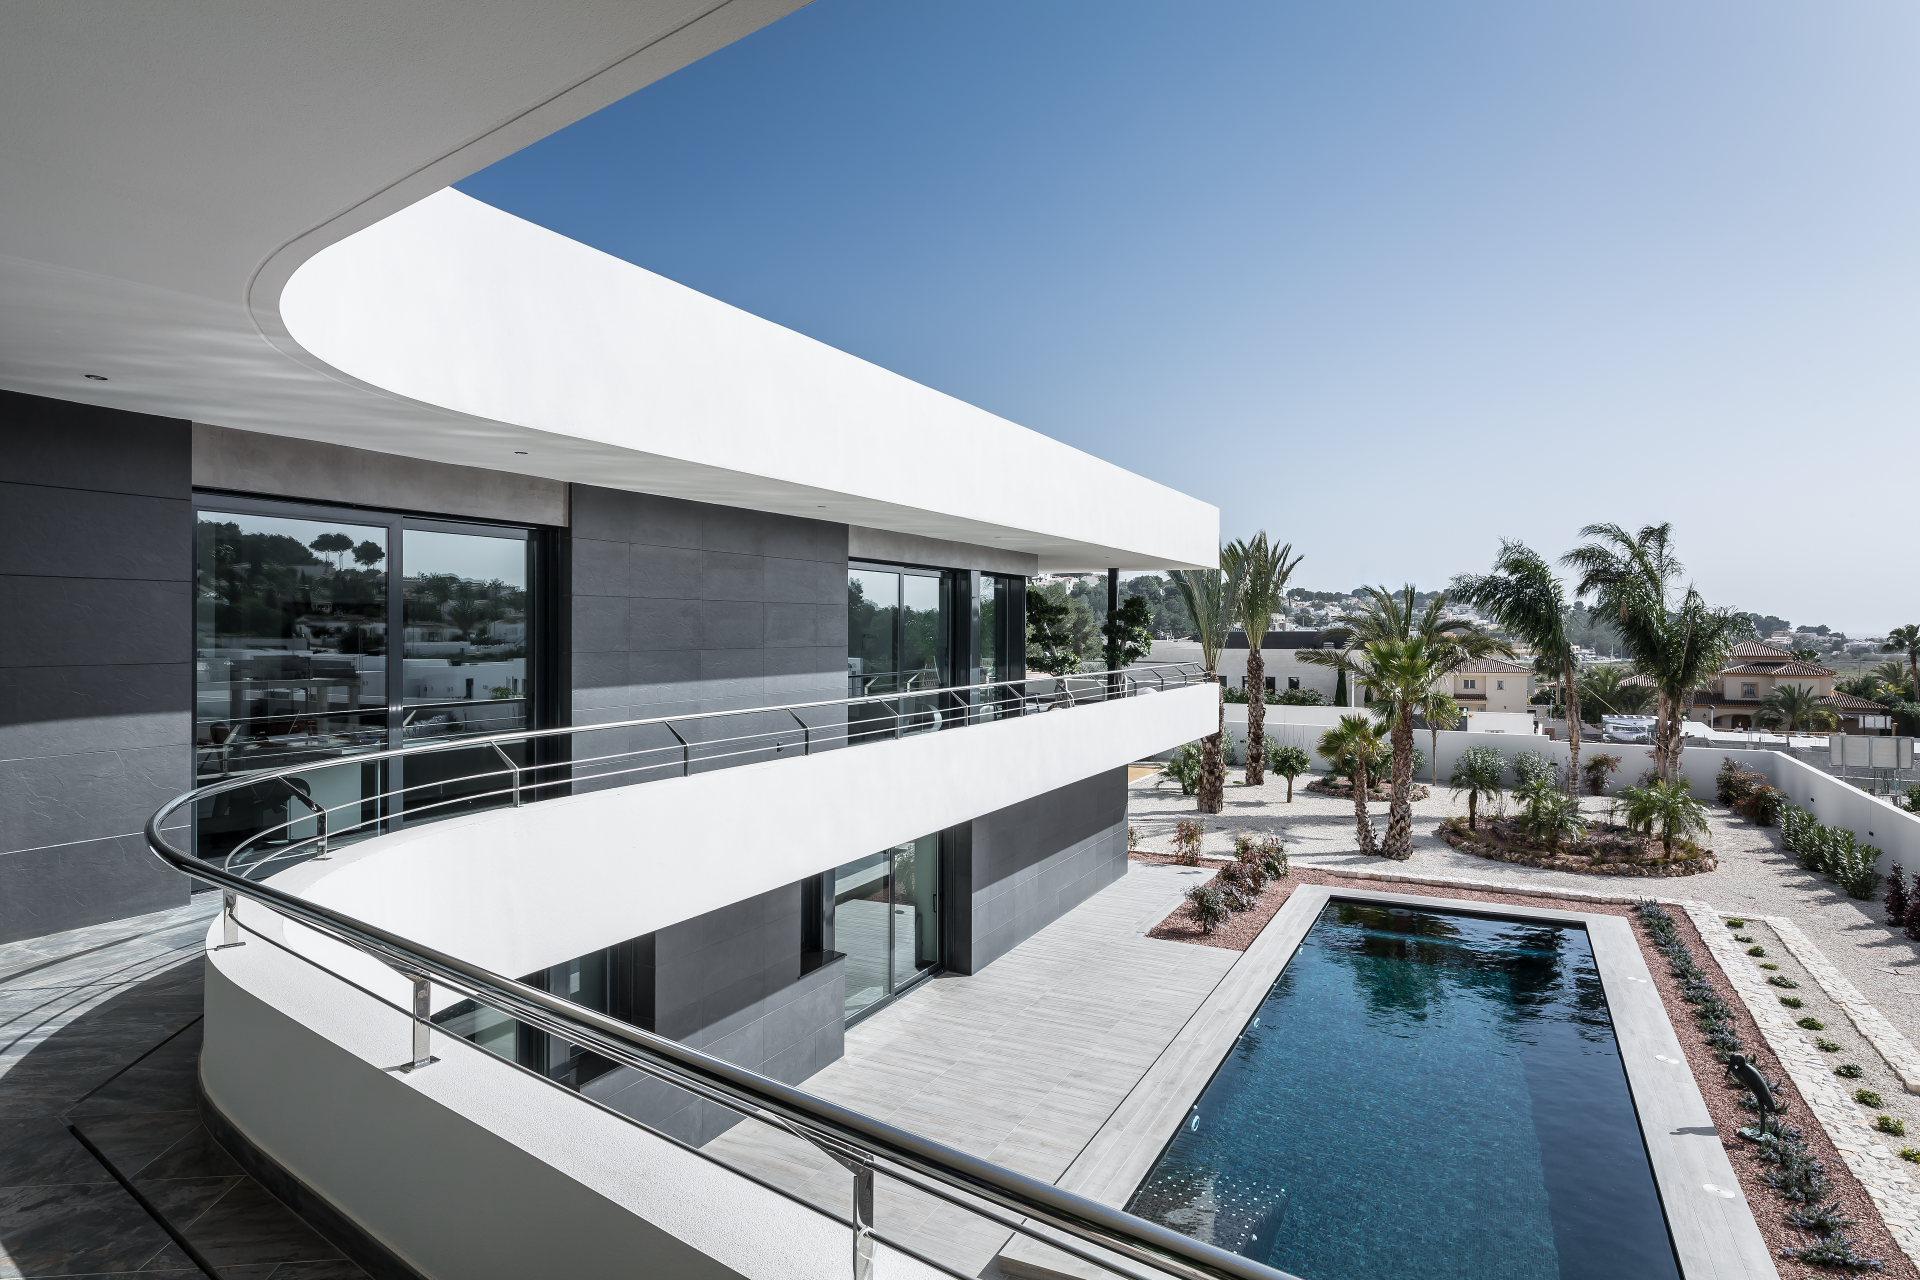 fotografia-arquitectura-valencia-alicante-moraira-german-cabo-pascual-giner (12)